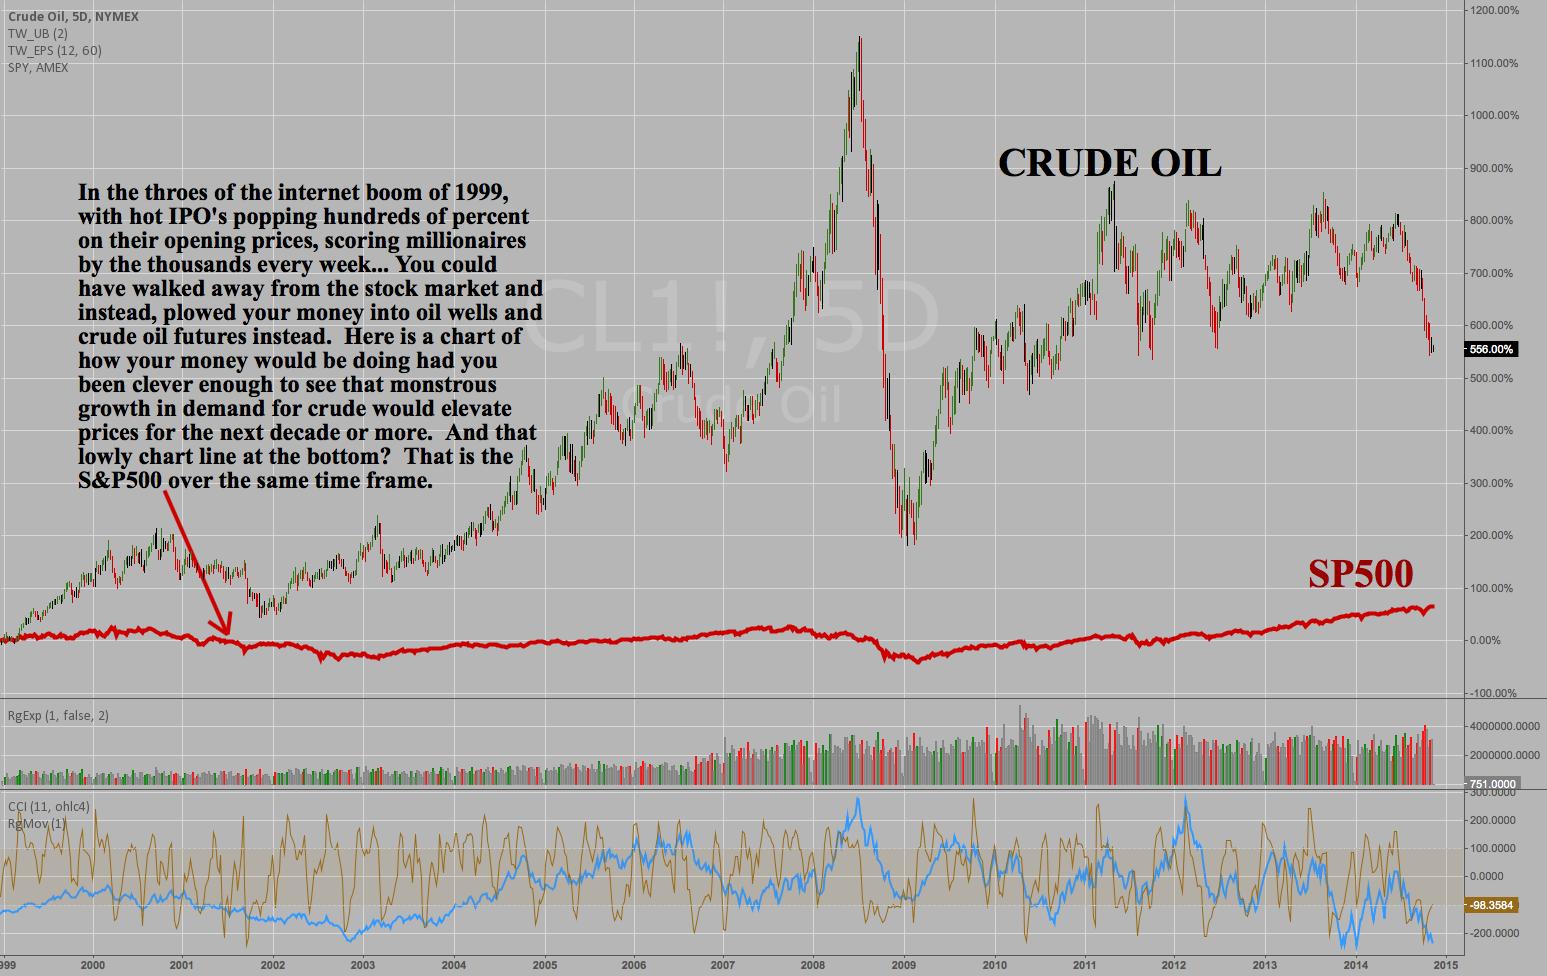 S&P500 versus CRUDE - 1999 until today - weekly